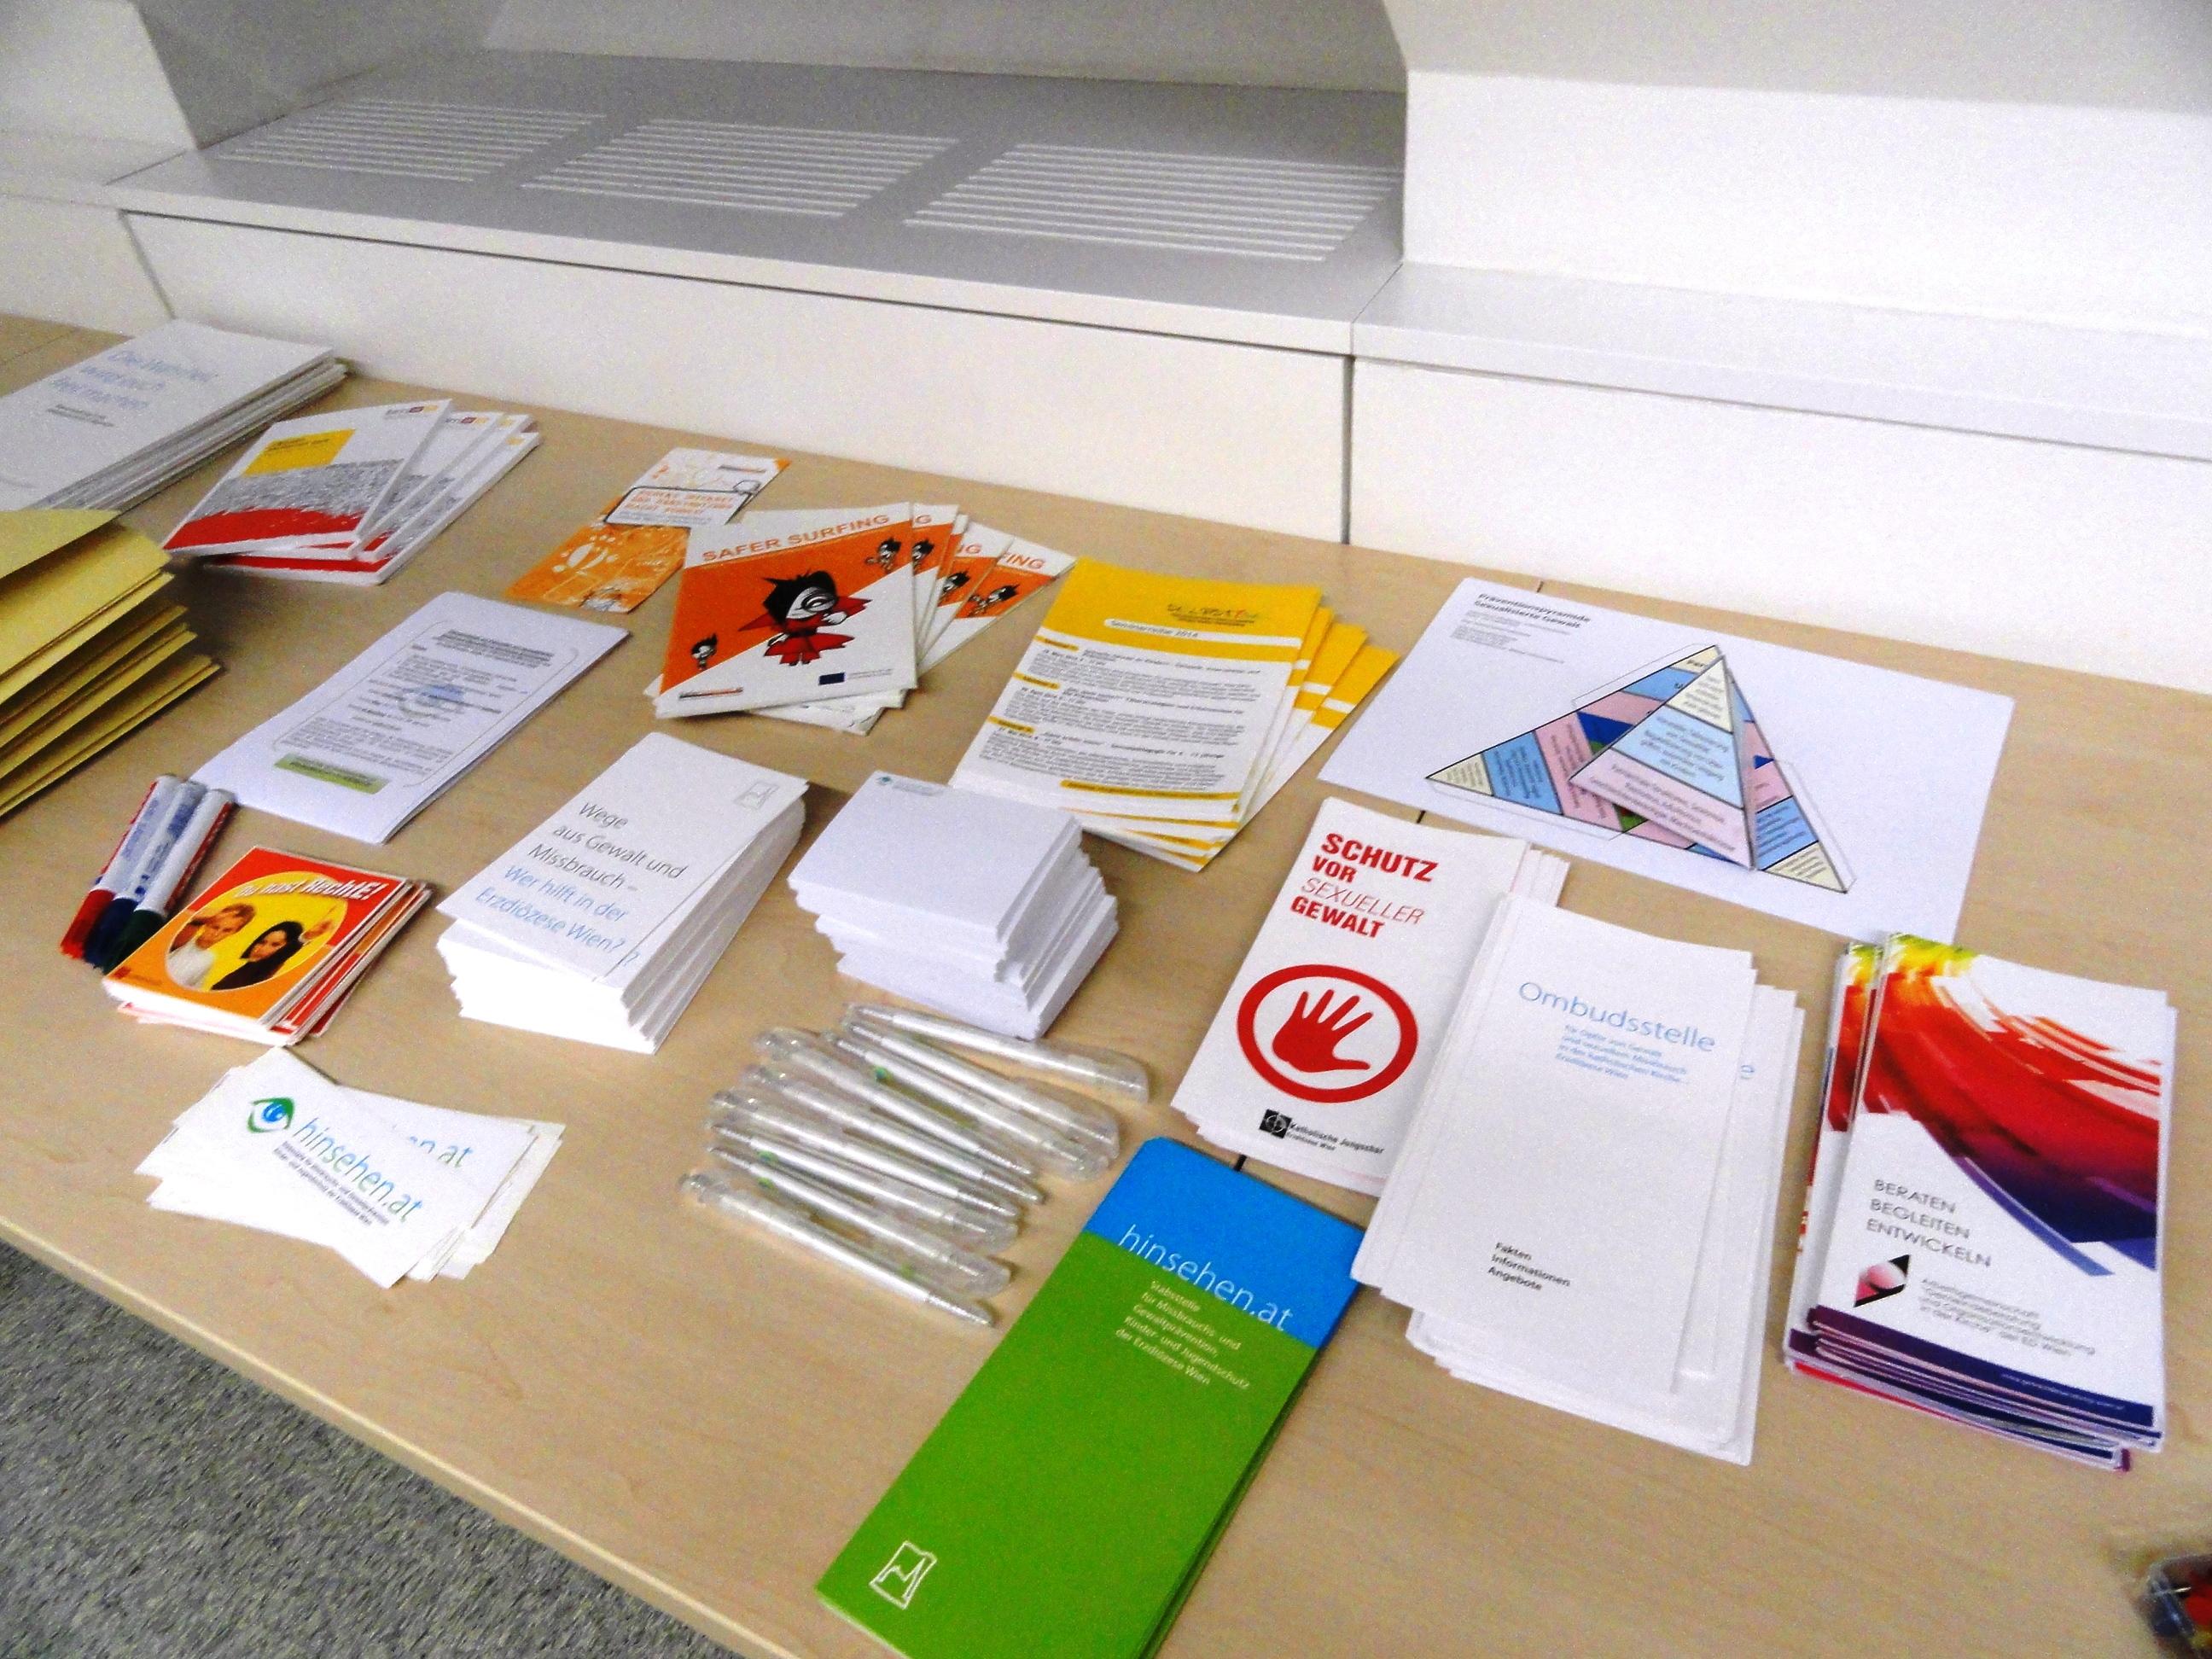 Erzdiözese Wien Terminaviso Start Up Veranstaltung Ins Neue